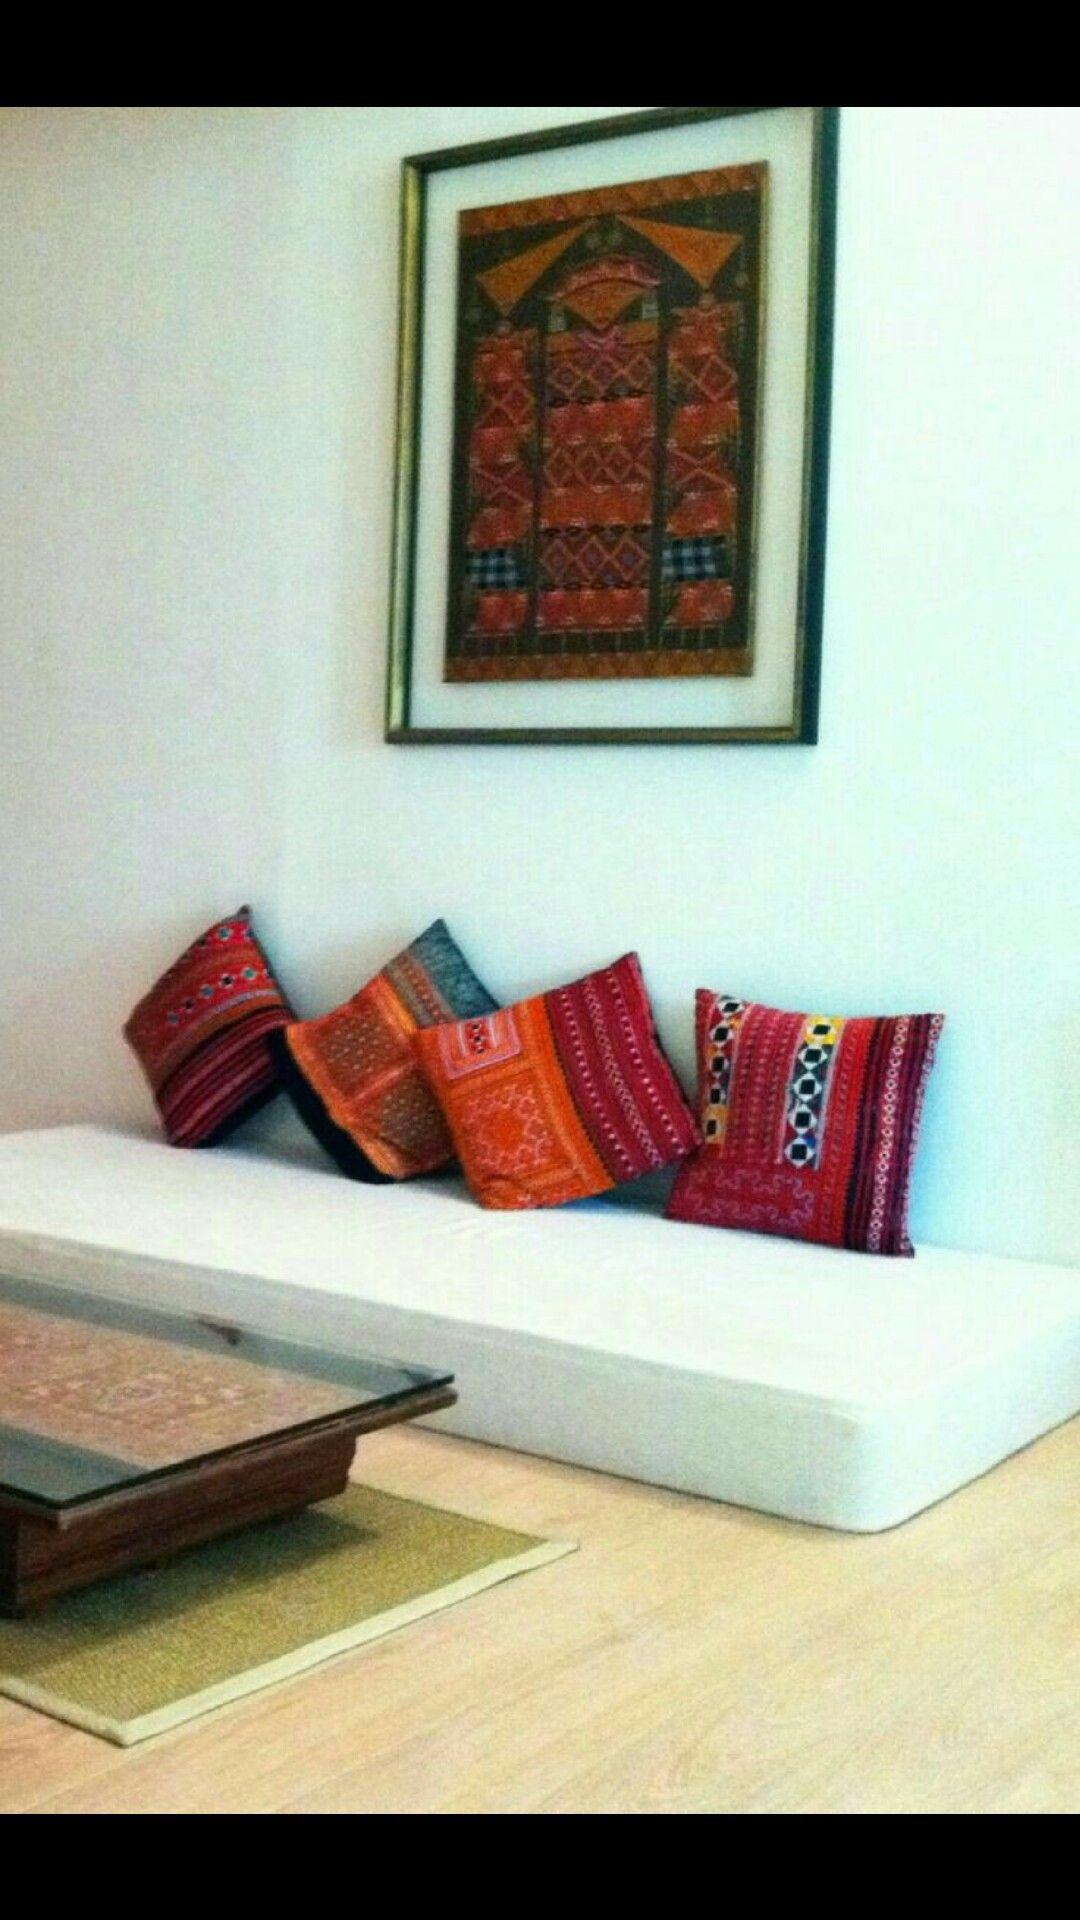 Wohnen, Indische Wohnkultur, Indianisches Schlafzimmer Dekor, Indische  Innenarchitektur, Indian Home Design, Ideen Zur Innenausstattung,  Innendekoration, ...